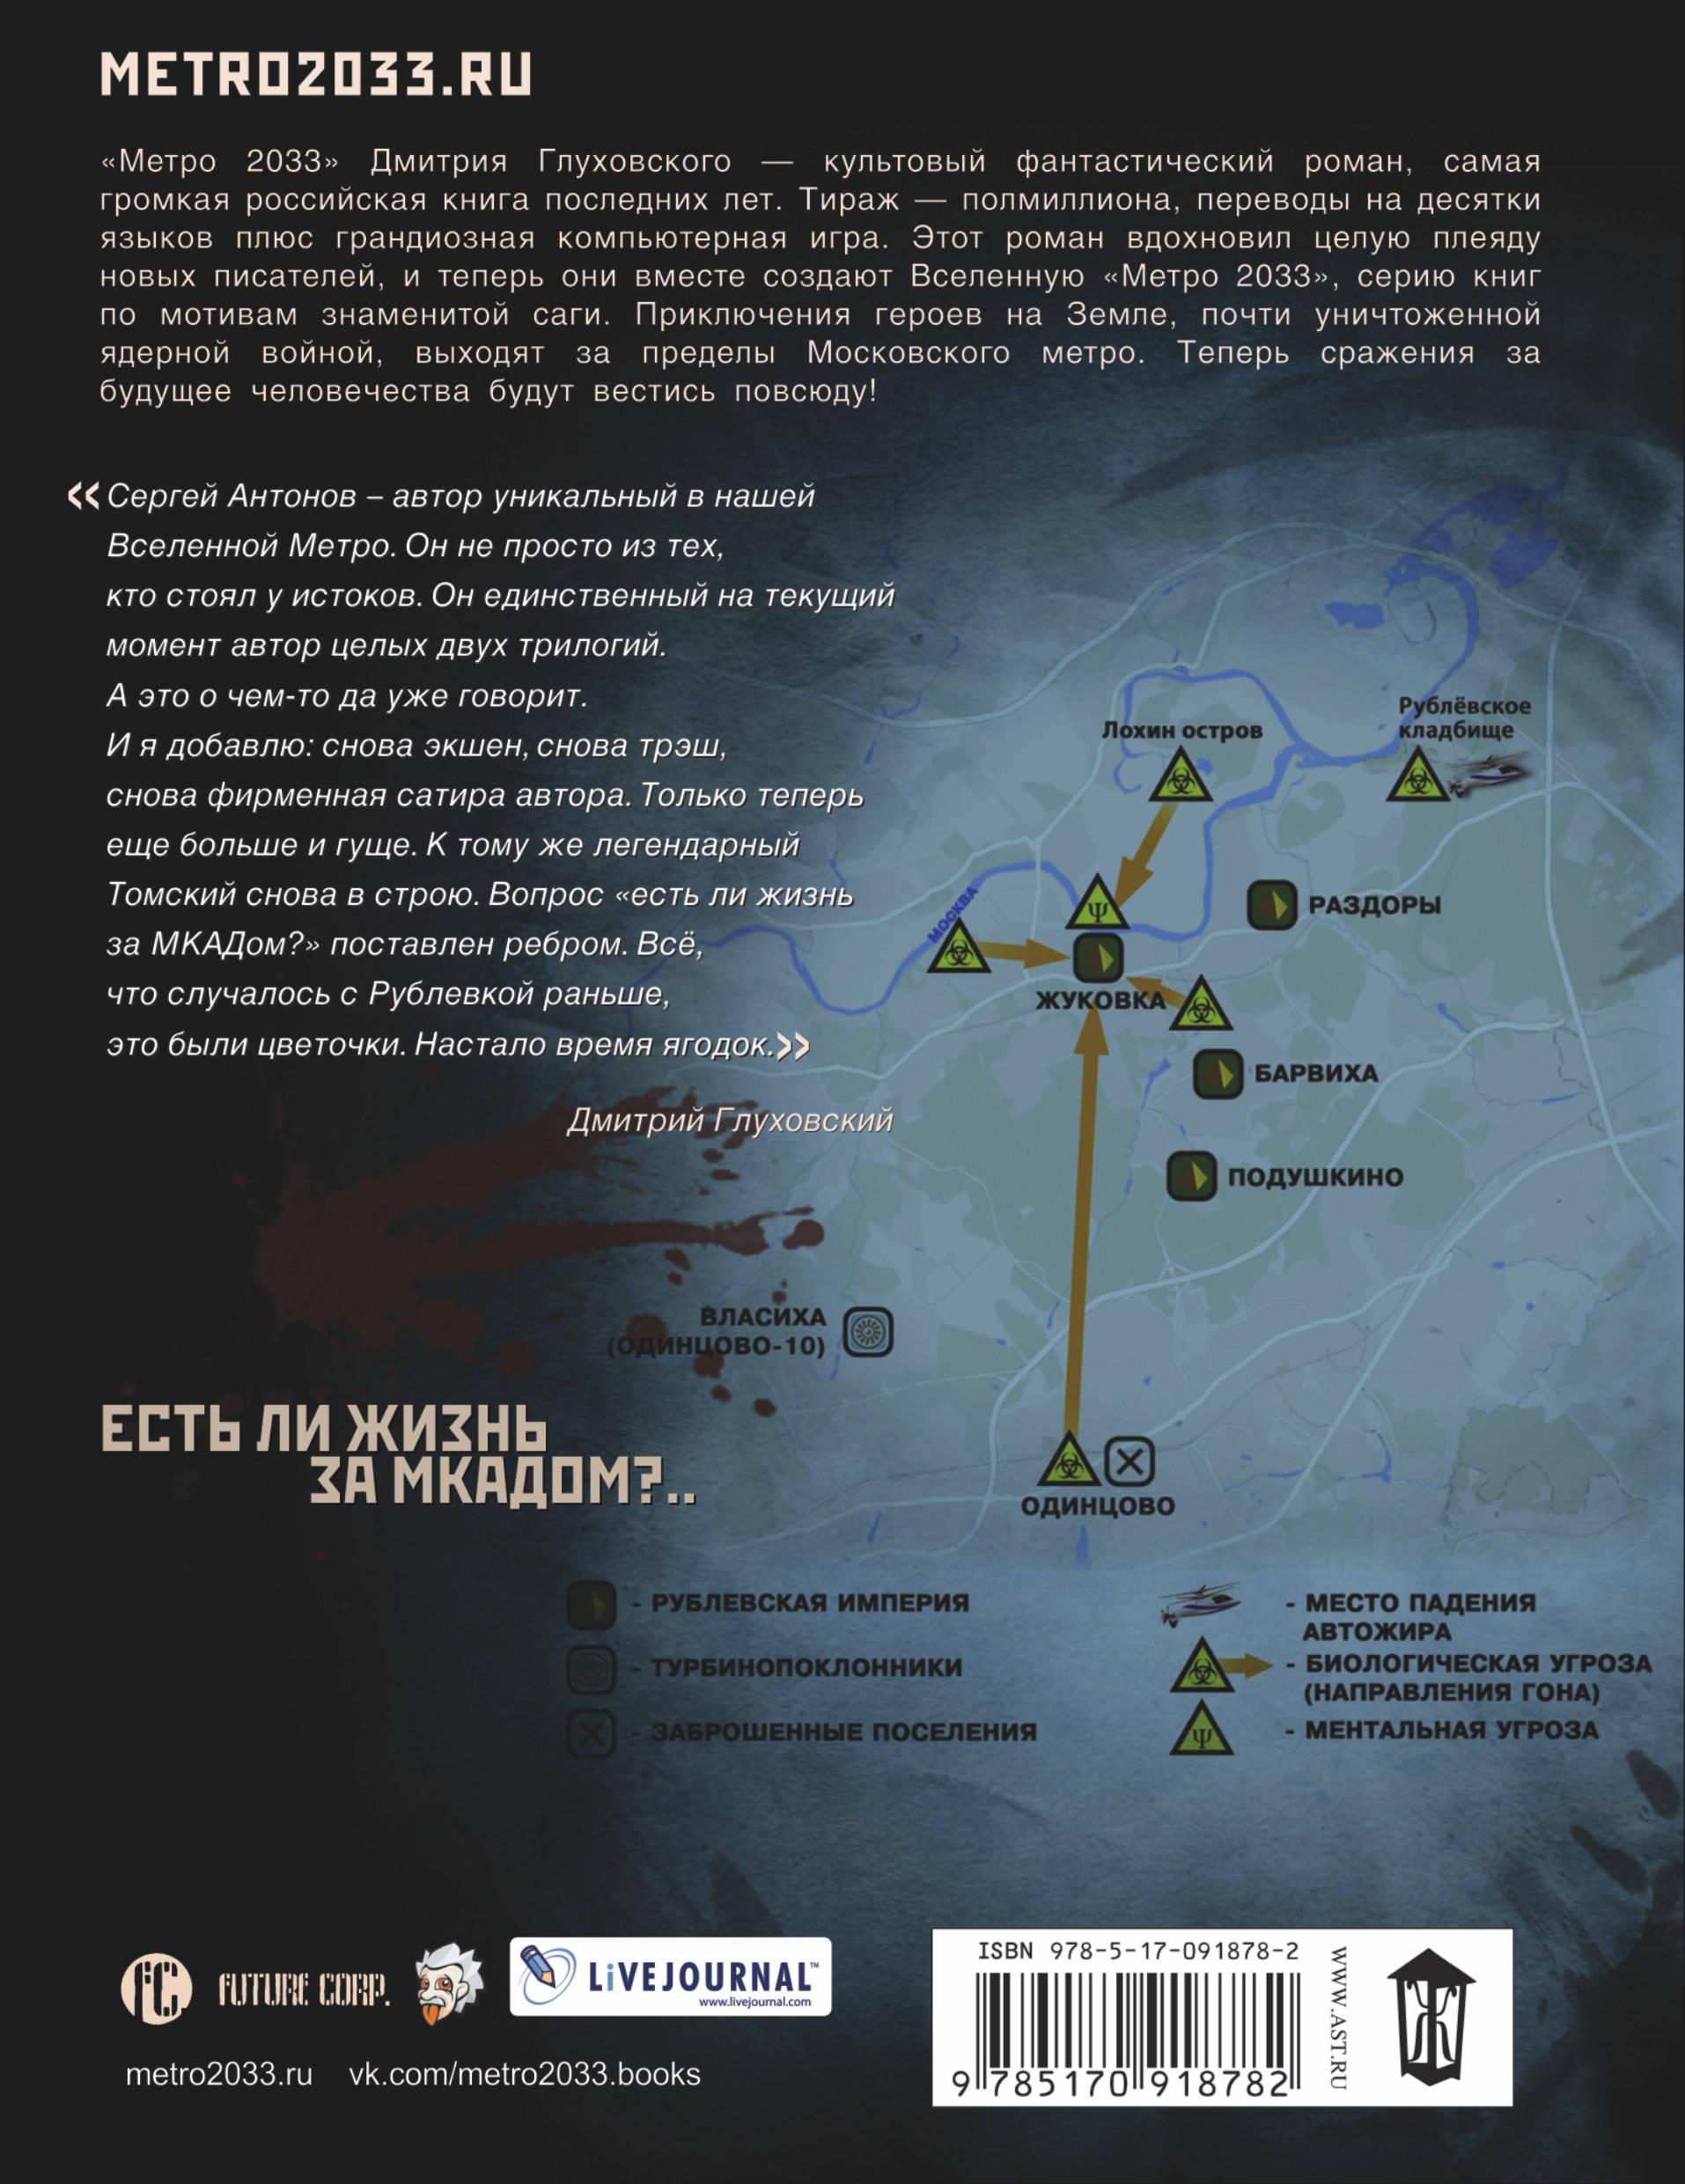 СЕРГЕЙ АНТОНОВ РУБЛЕВКА 3 СКАЧАТЬ БЕСПЛАТНО